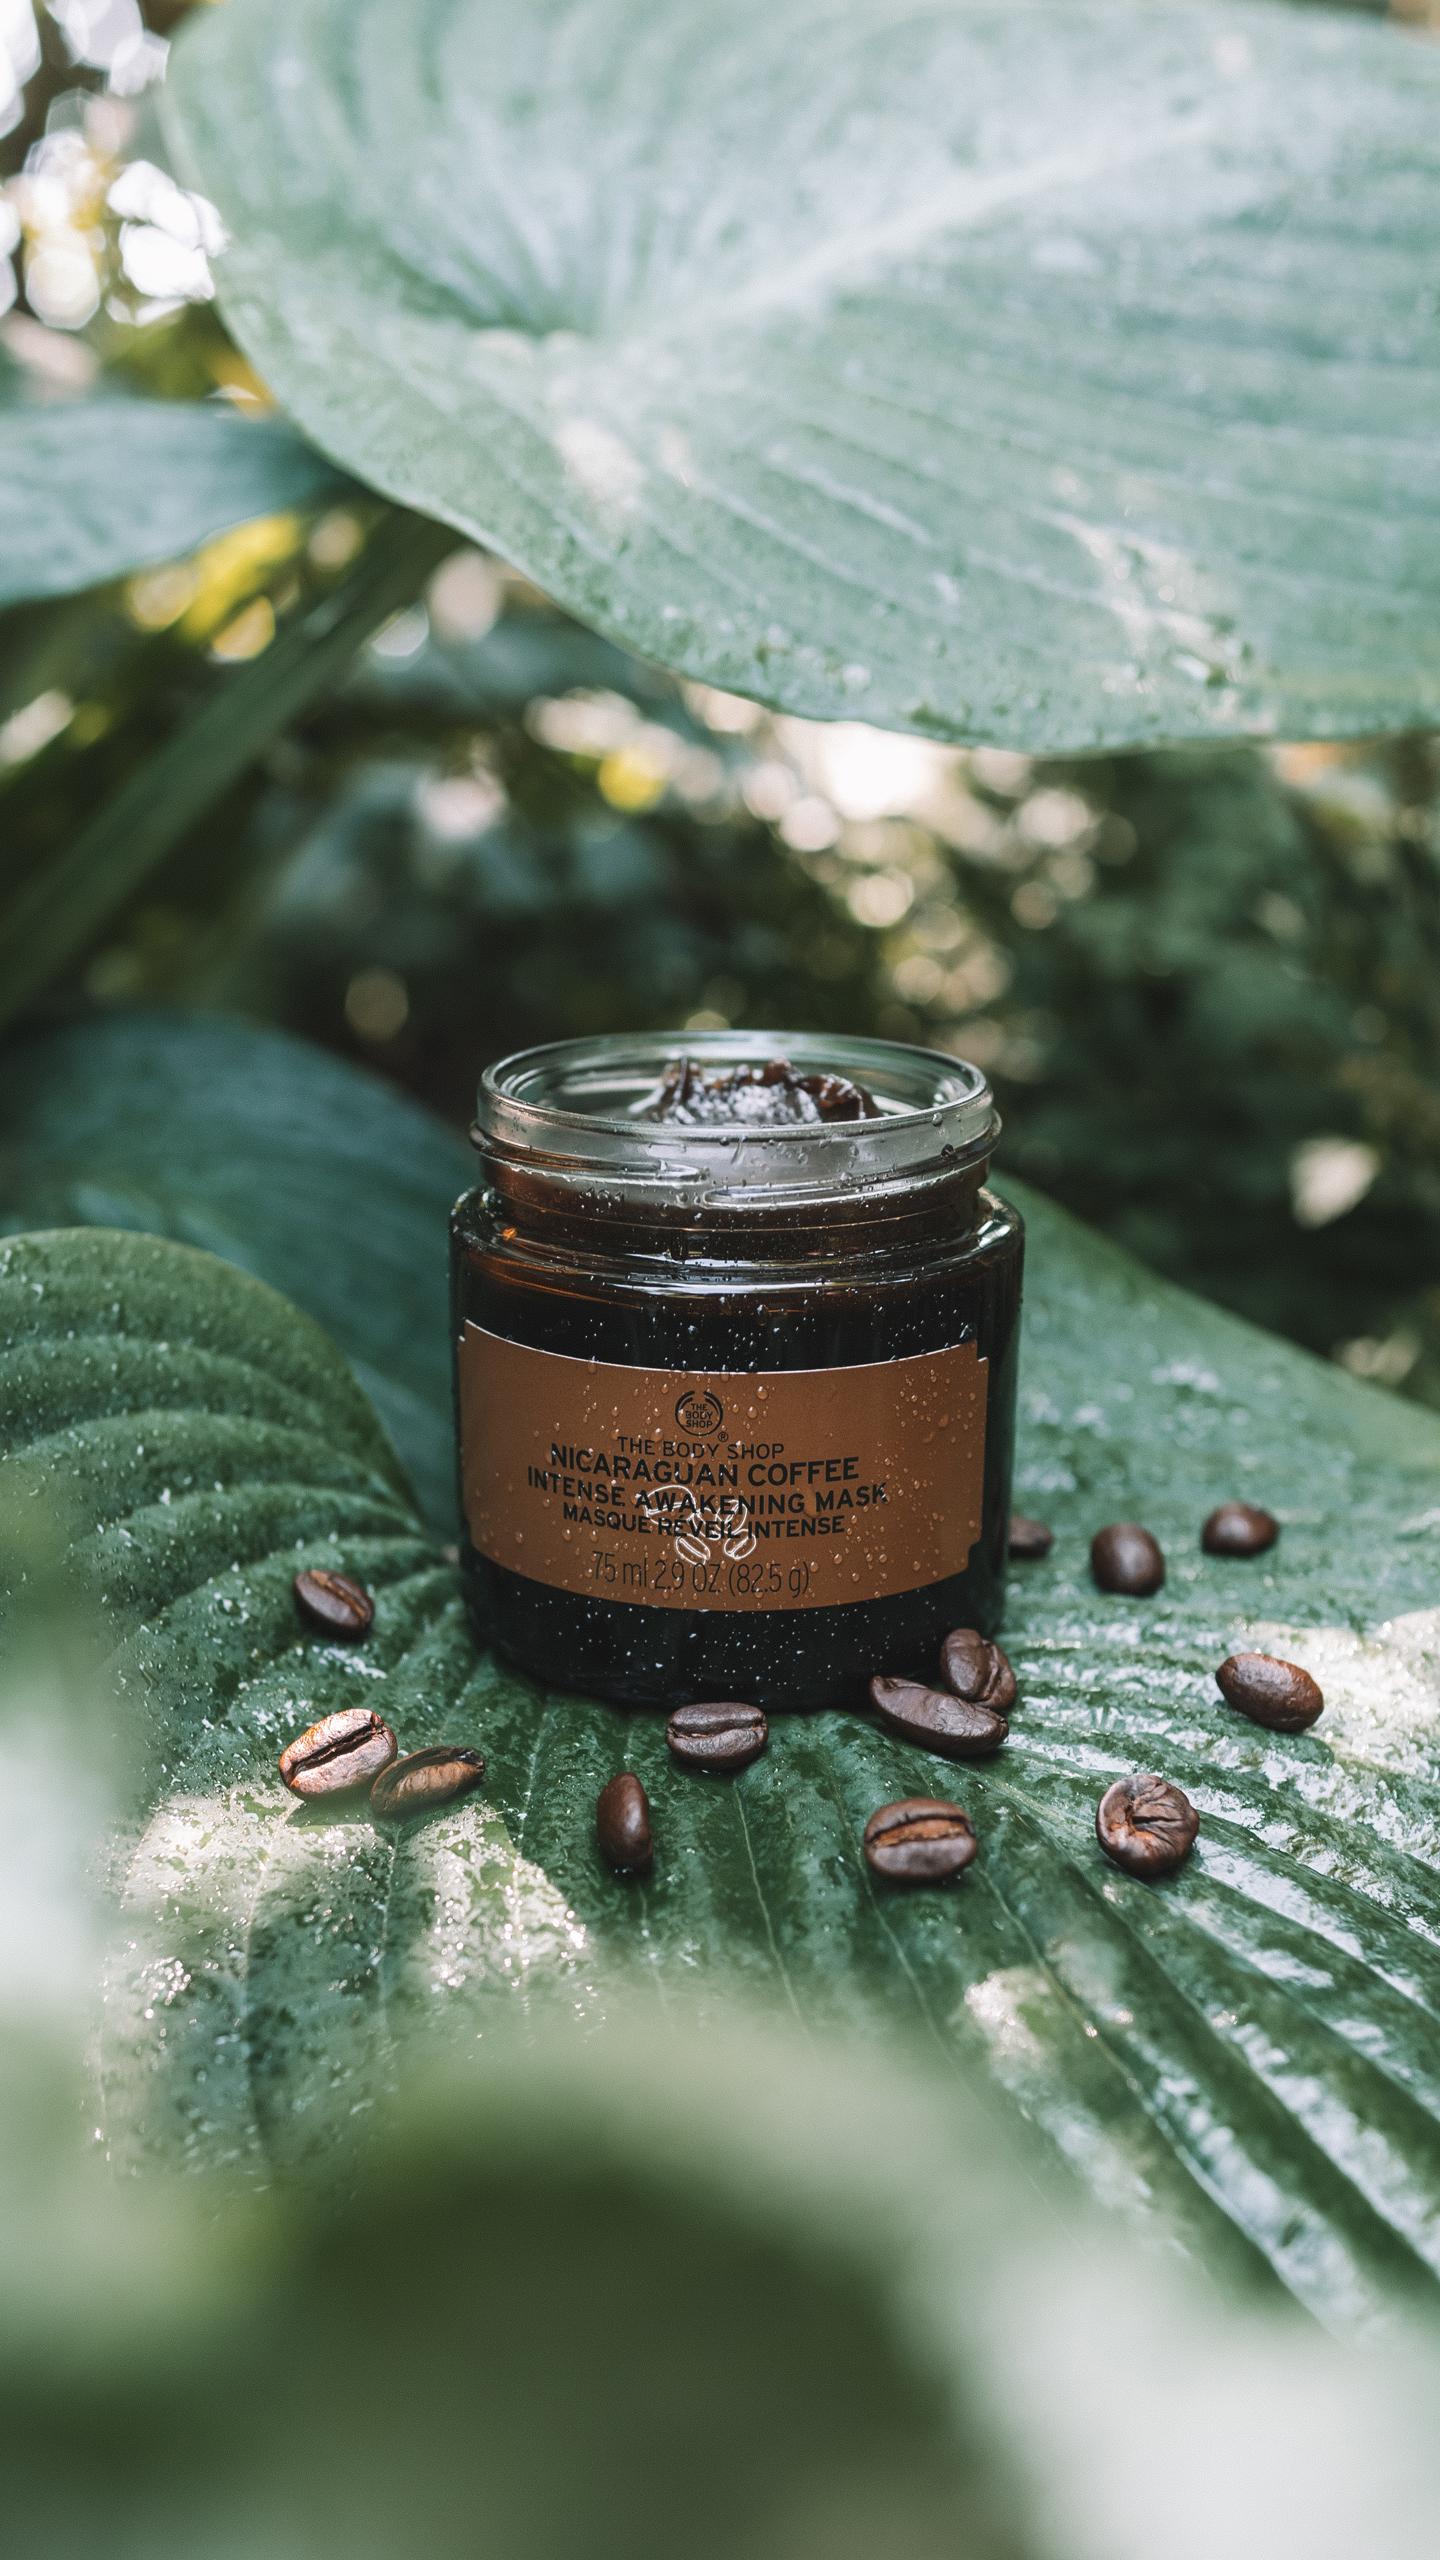 Nicaraguan Coffee Intense Awakening Mask The Body Shop